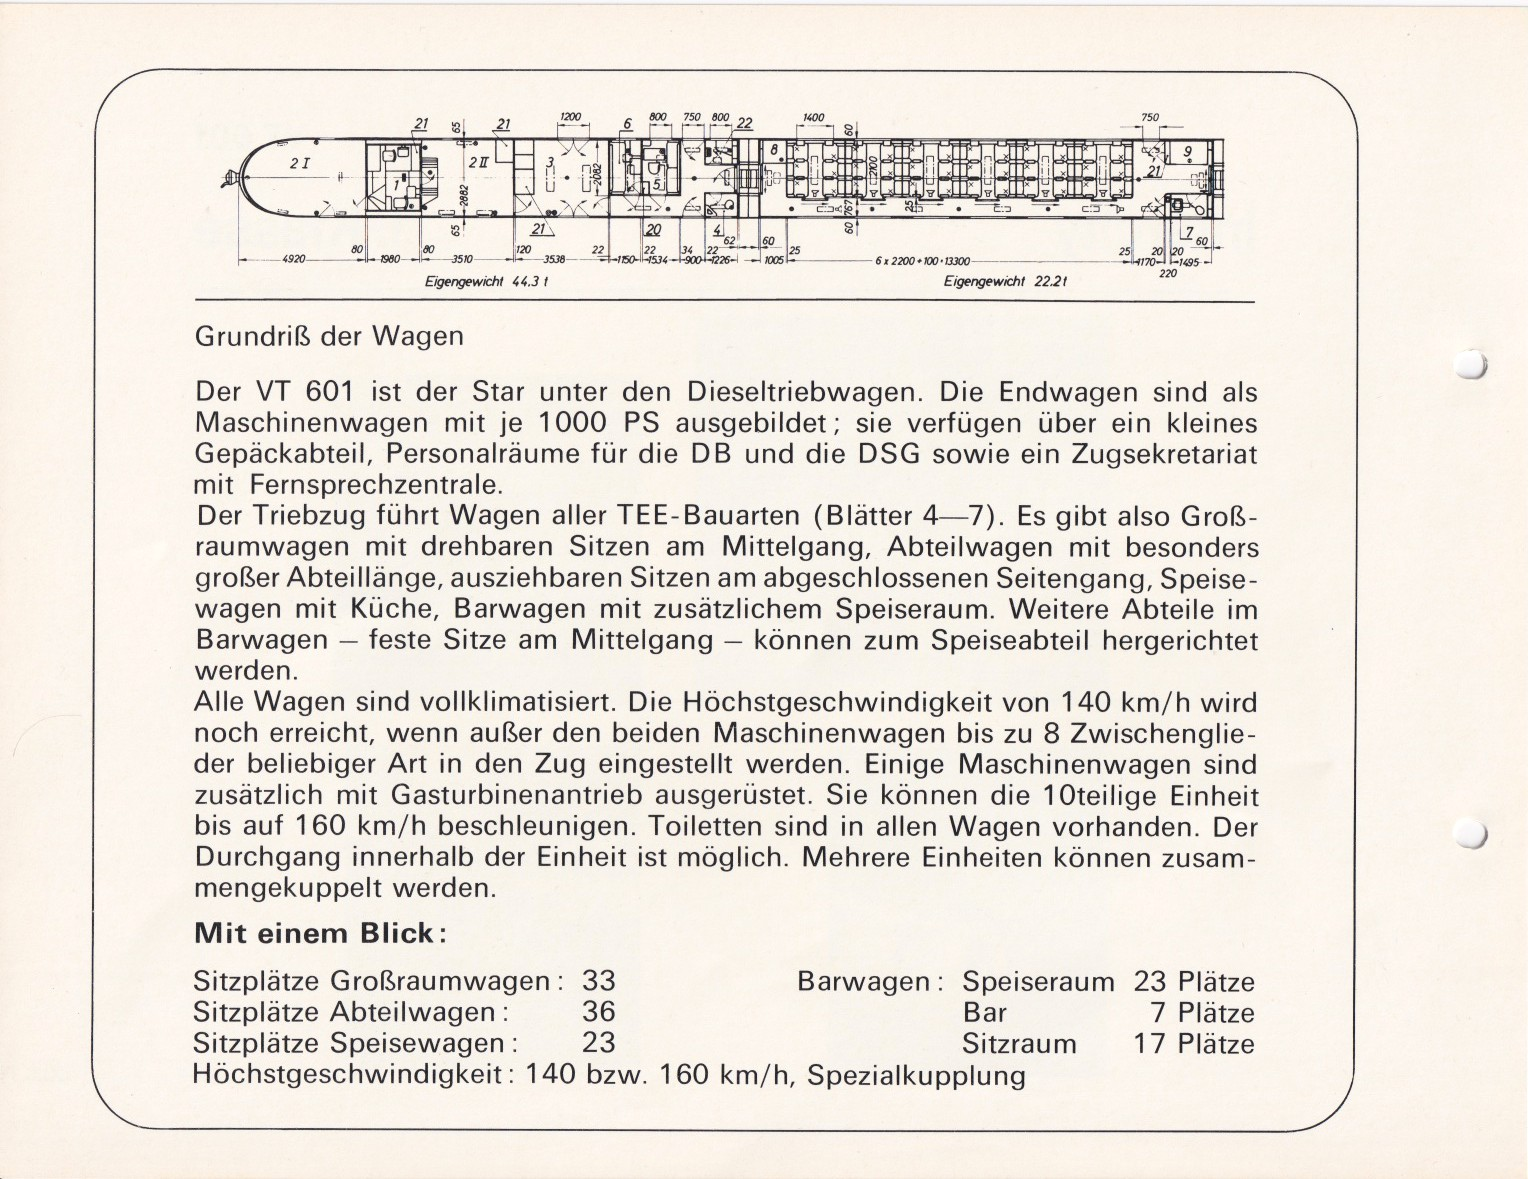 https://www.nullclub.de/hifo/Fahrzeuglexikon/Wagen50f.jpg